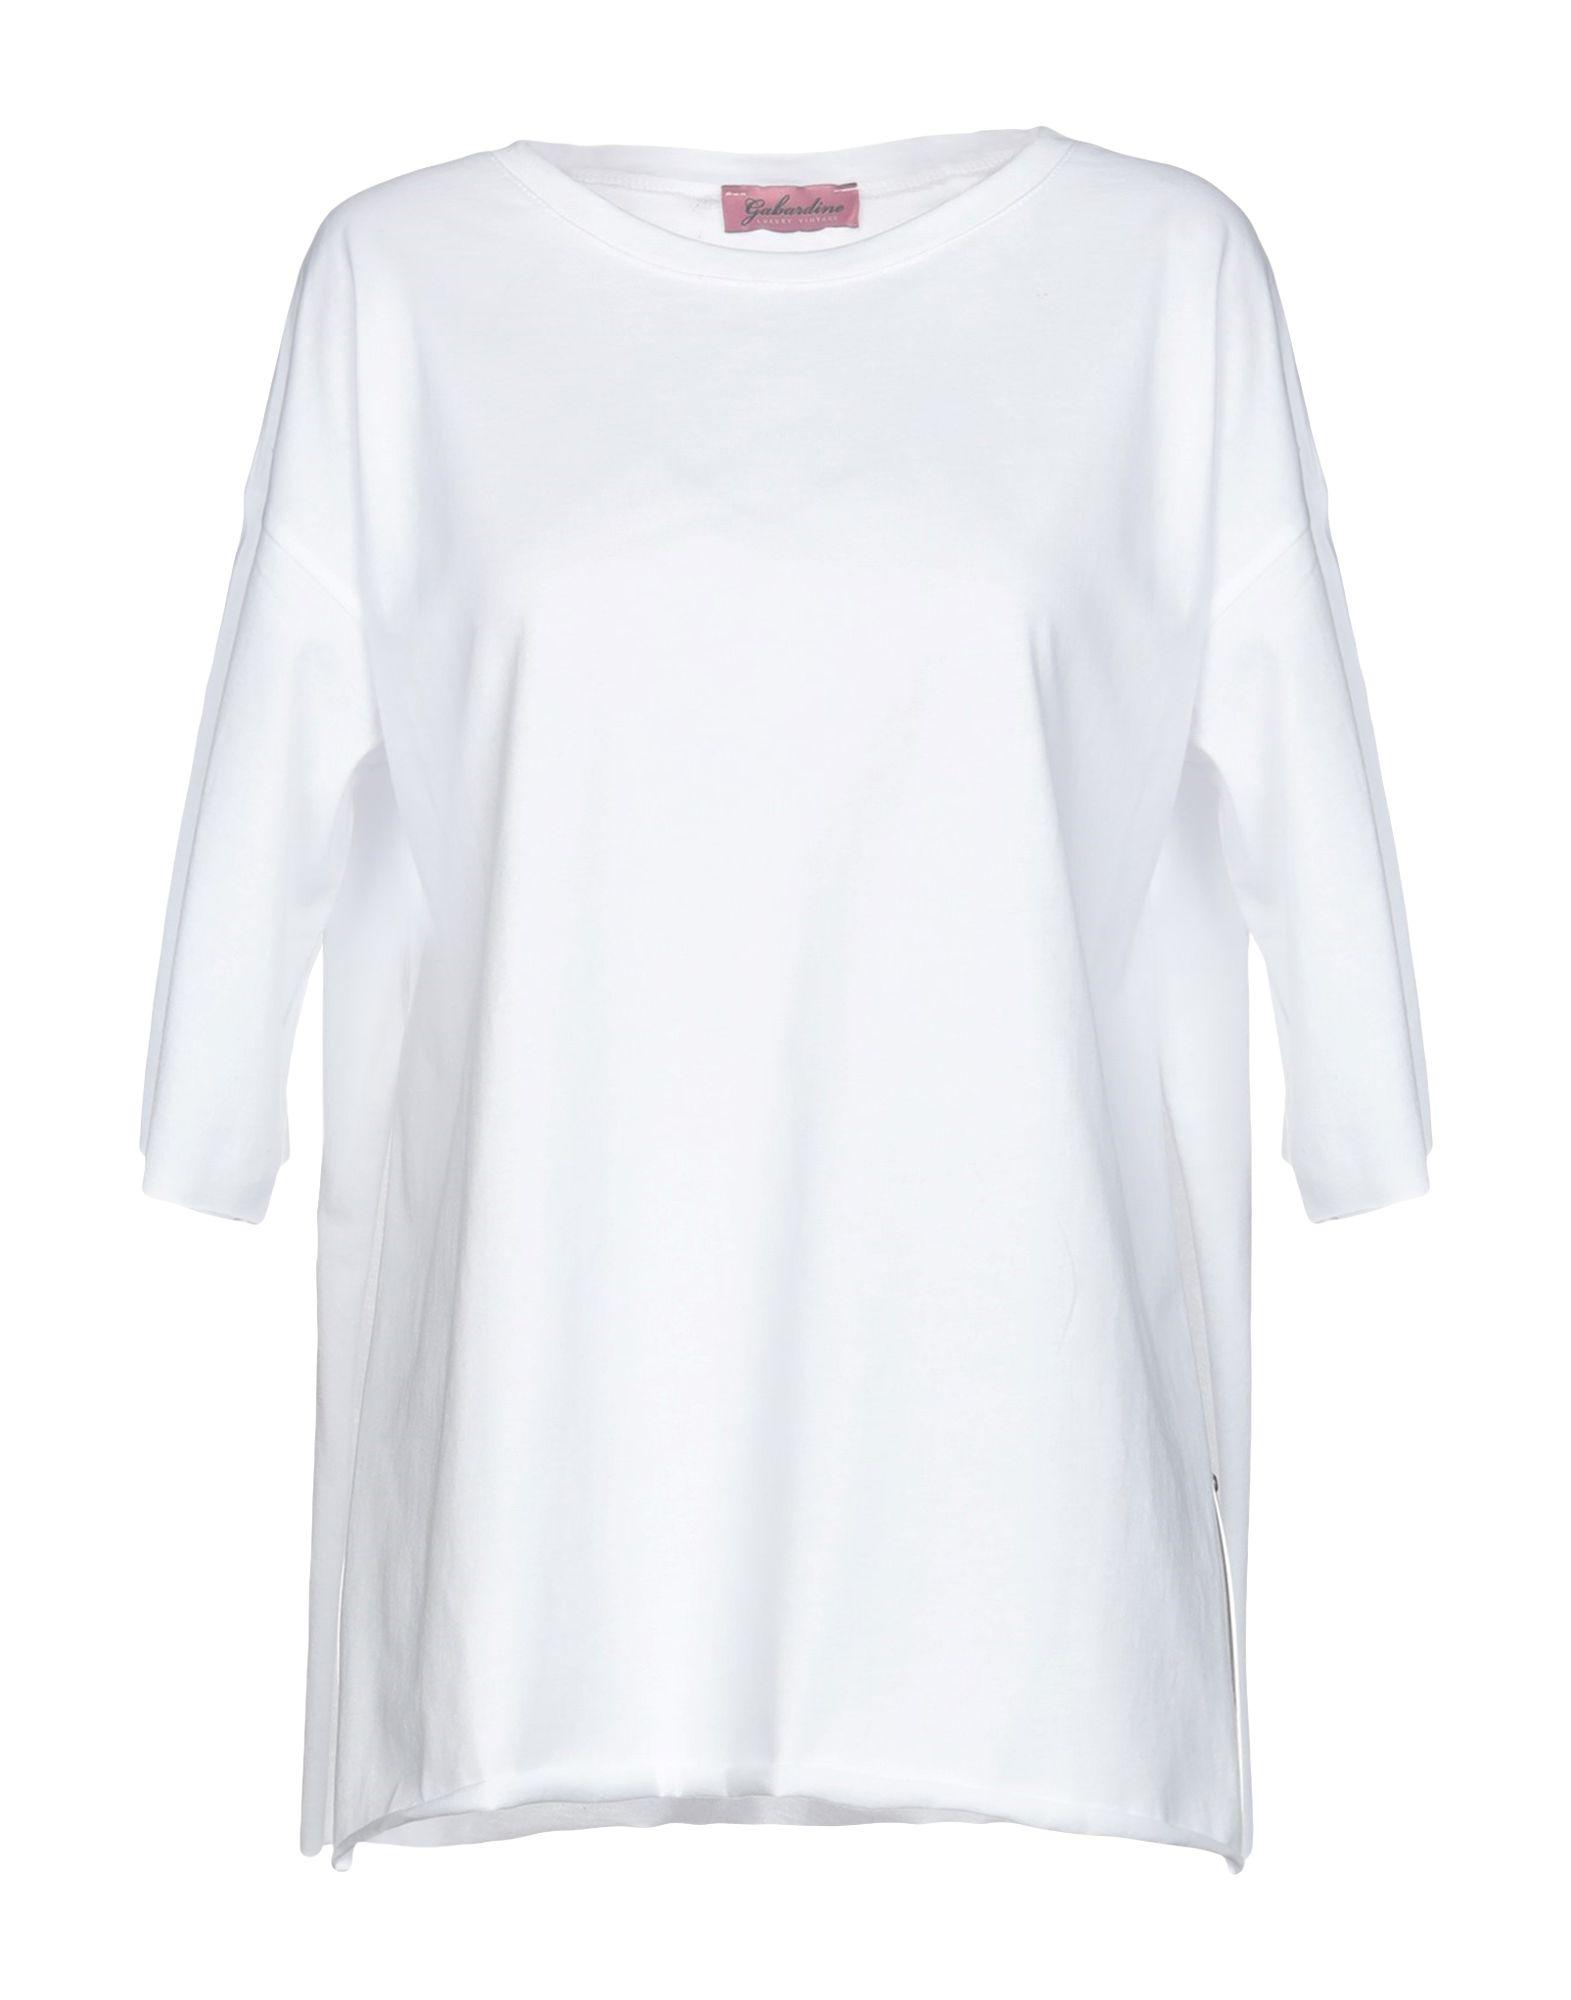 T-Shirt Gabardine damen - 12238639KK